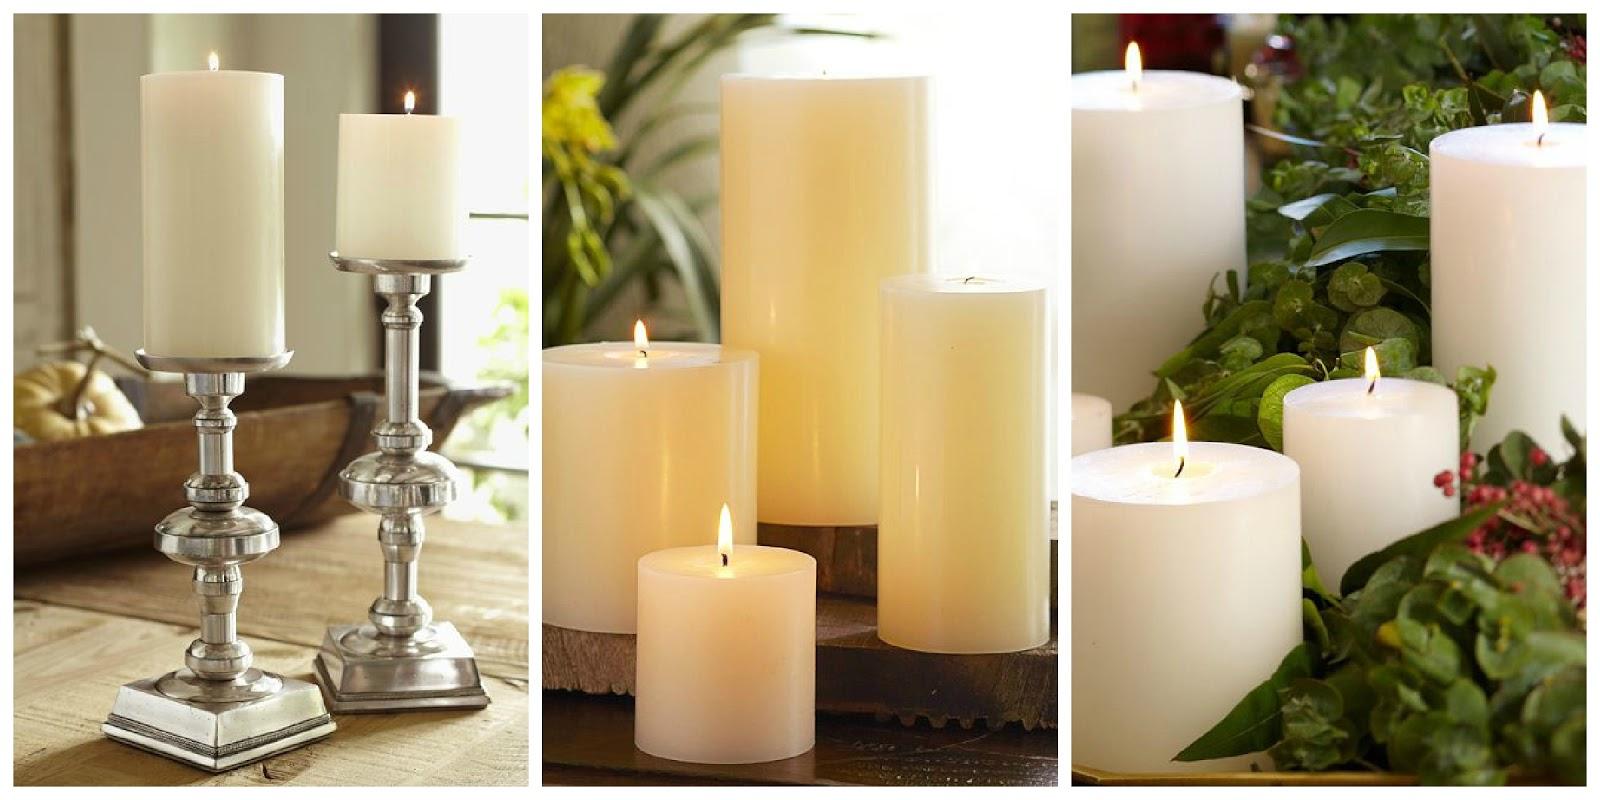 Il giardino di fasti floreali decorazioni natalizie - Decorazioni con candele ...